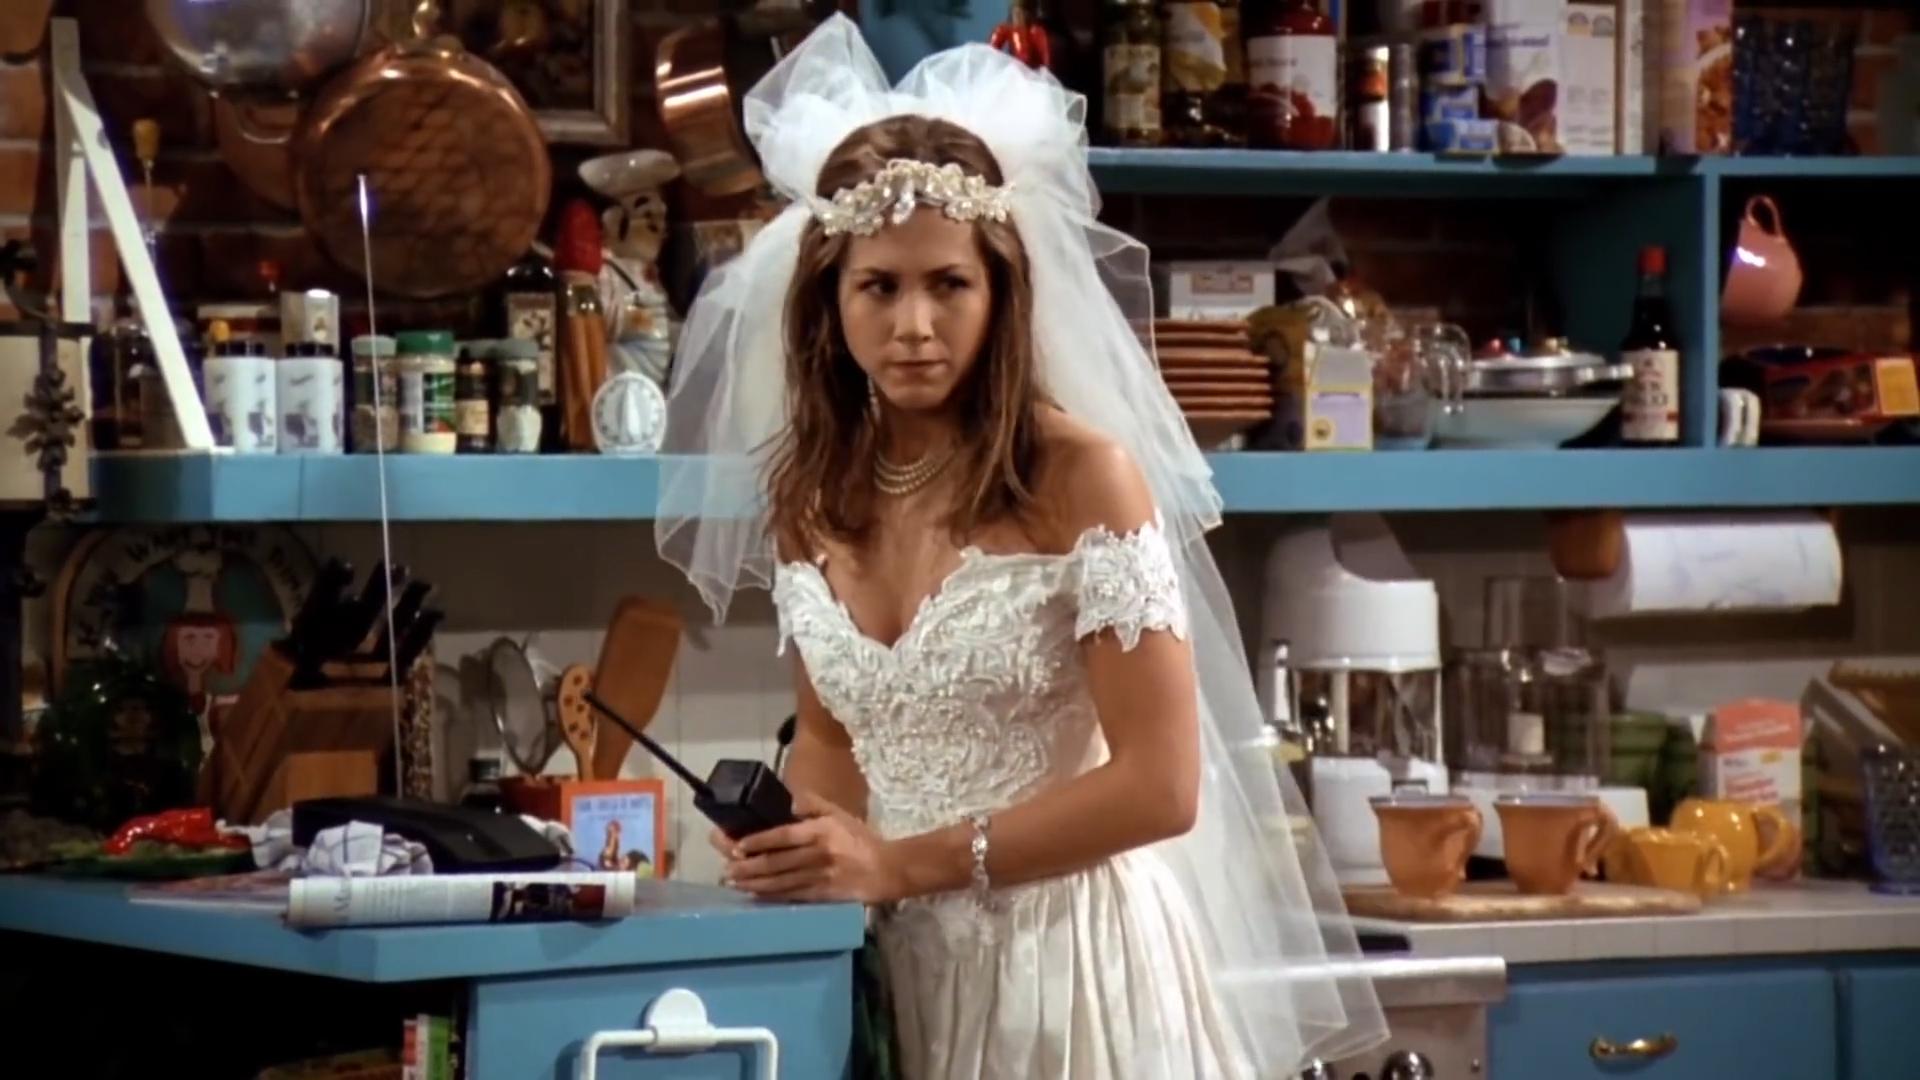 [2] Friends - Rachel runs away from the wedding